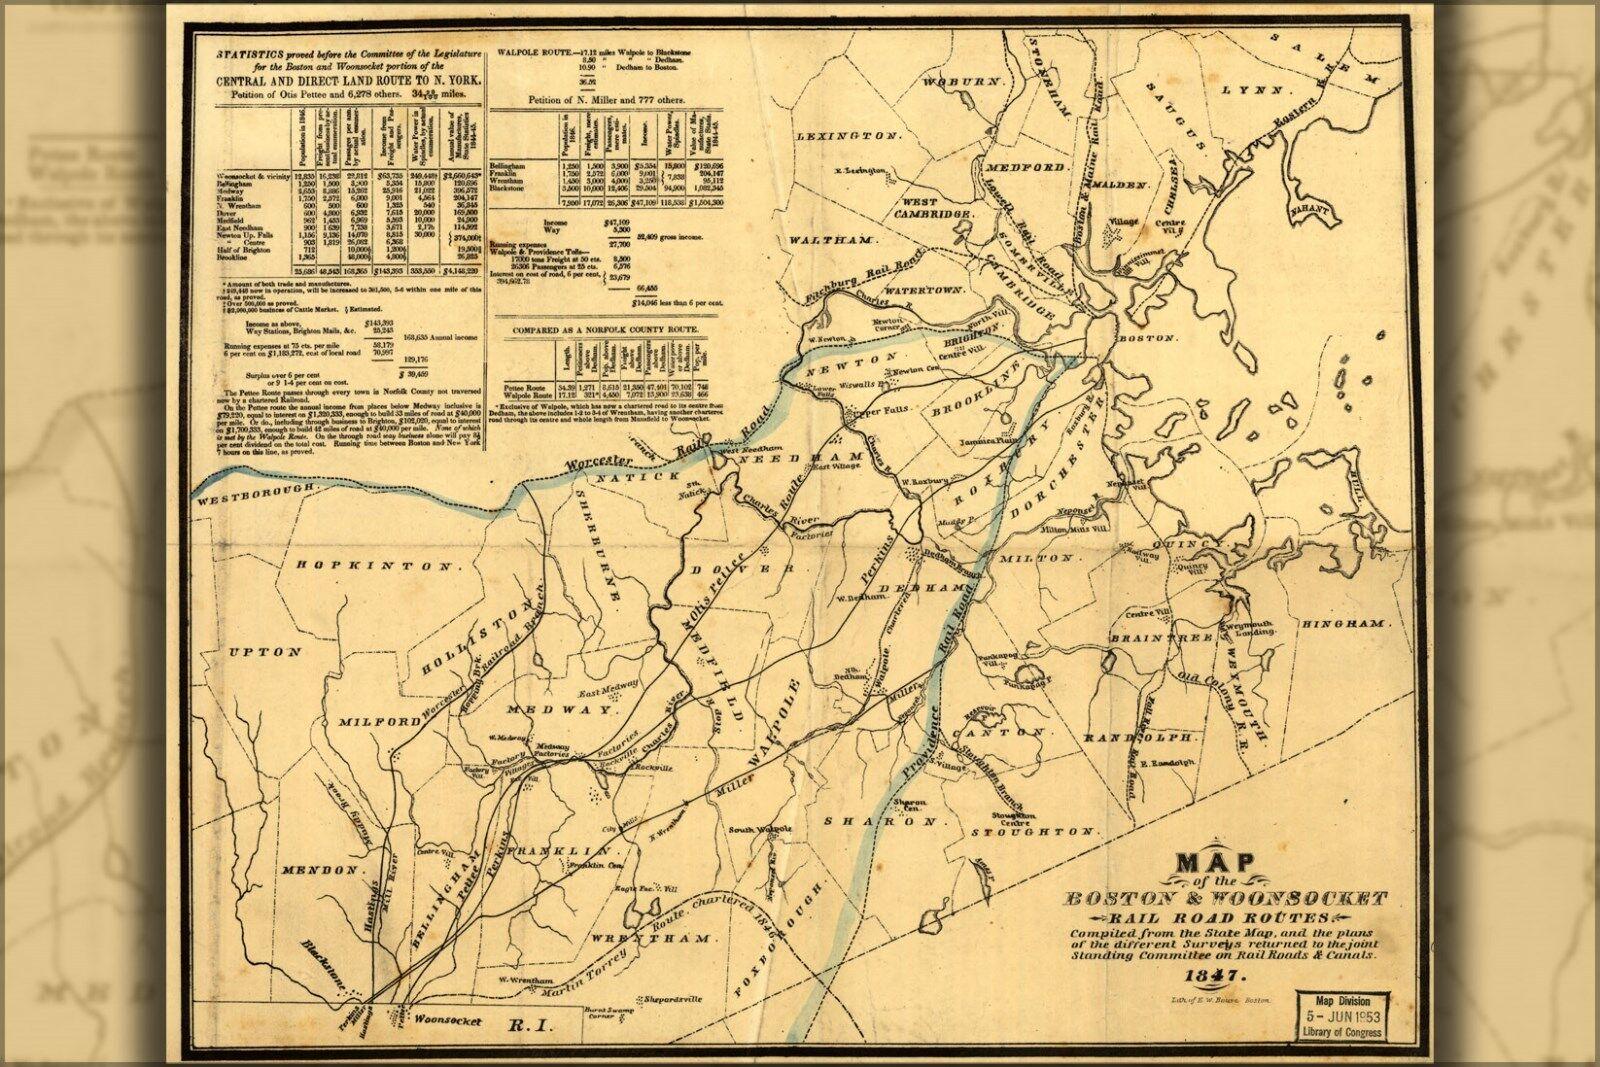 Plakat, Viele Größen; Landkarte der Boston & Woonsocket Eisenbahn 1847